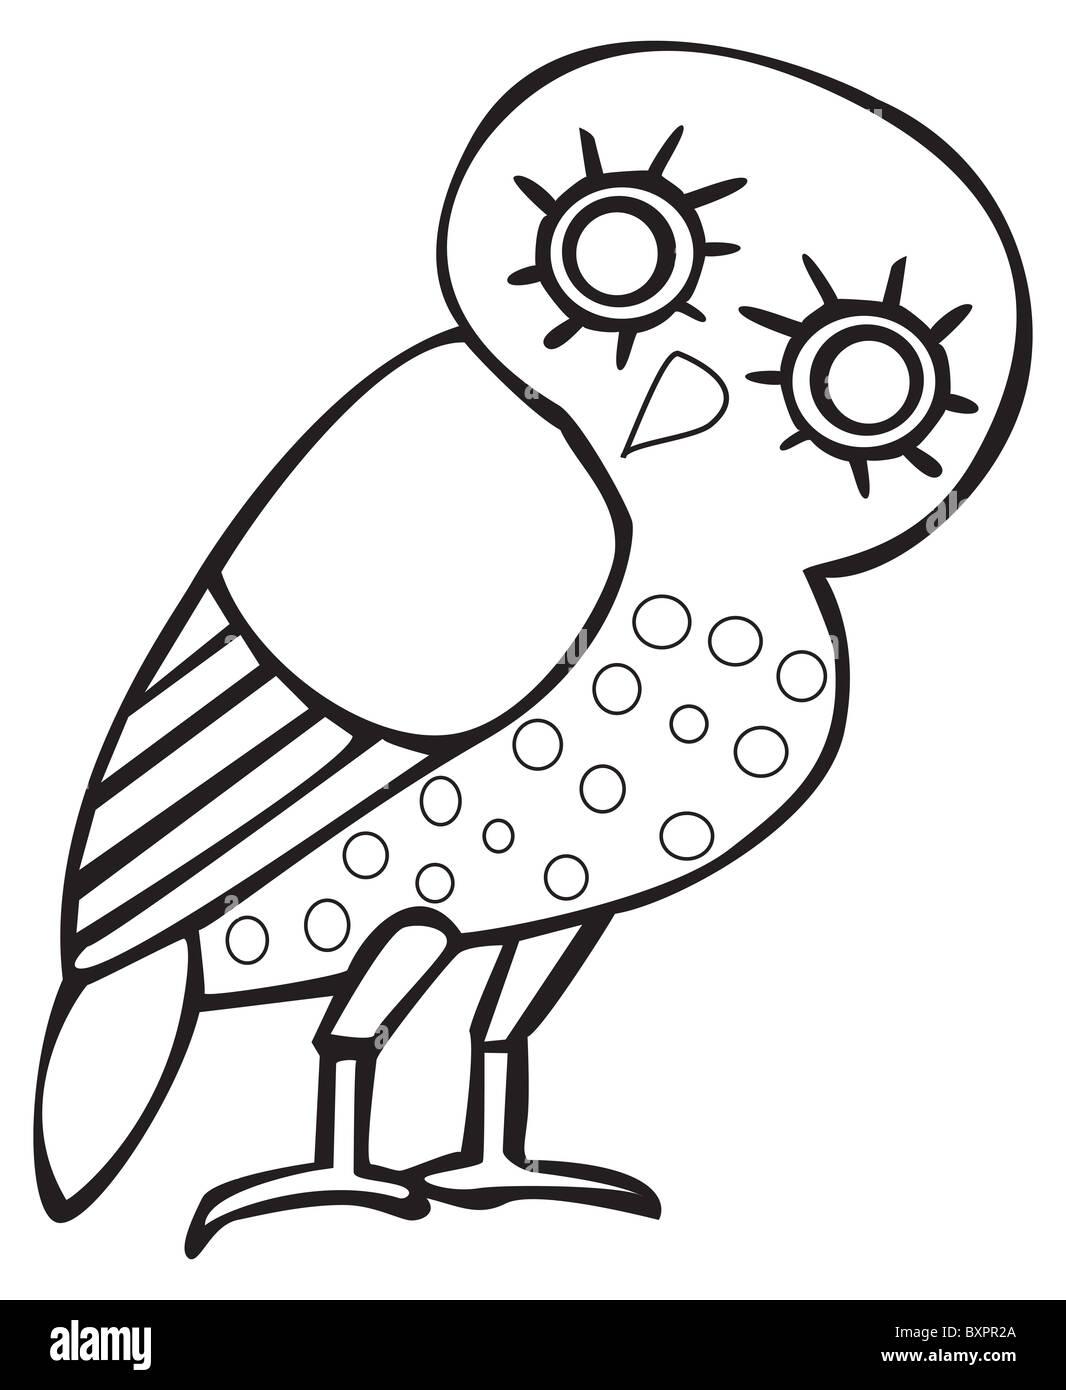 Owl Grec Signe Symbole De Tatouage Ou D Art Vecteur Banque D